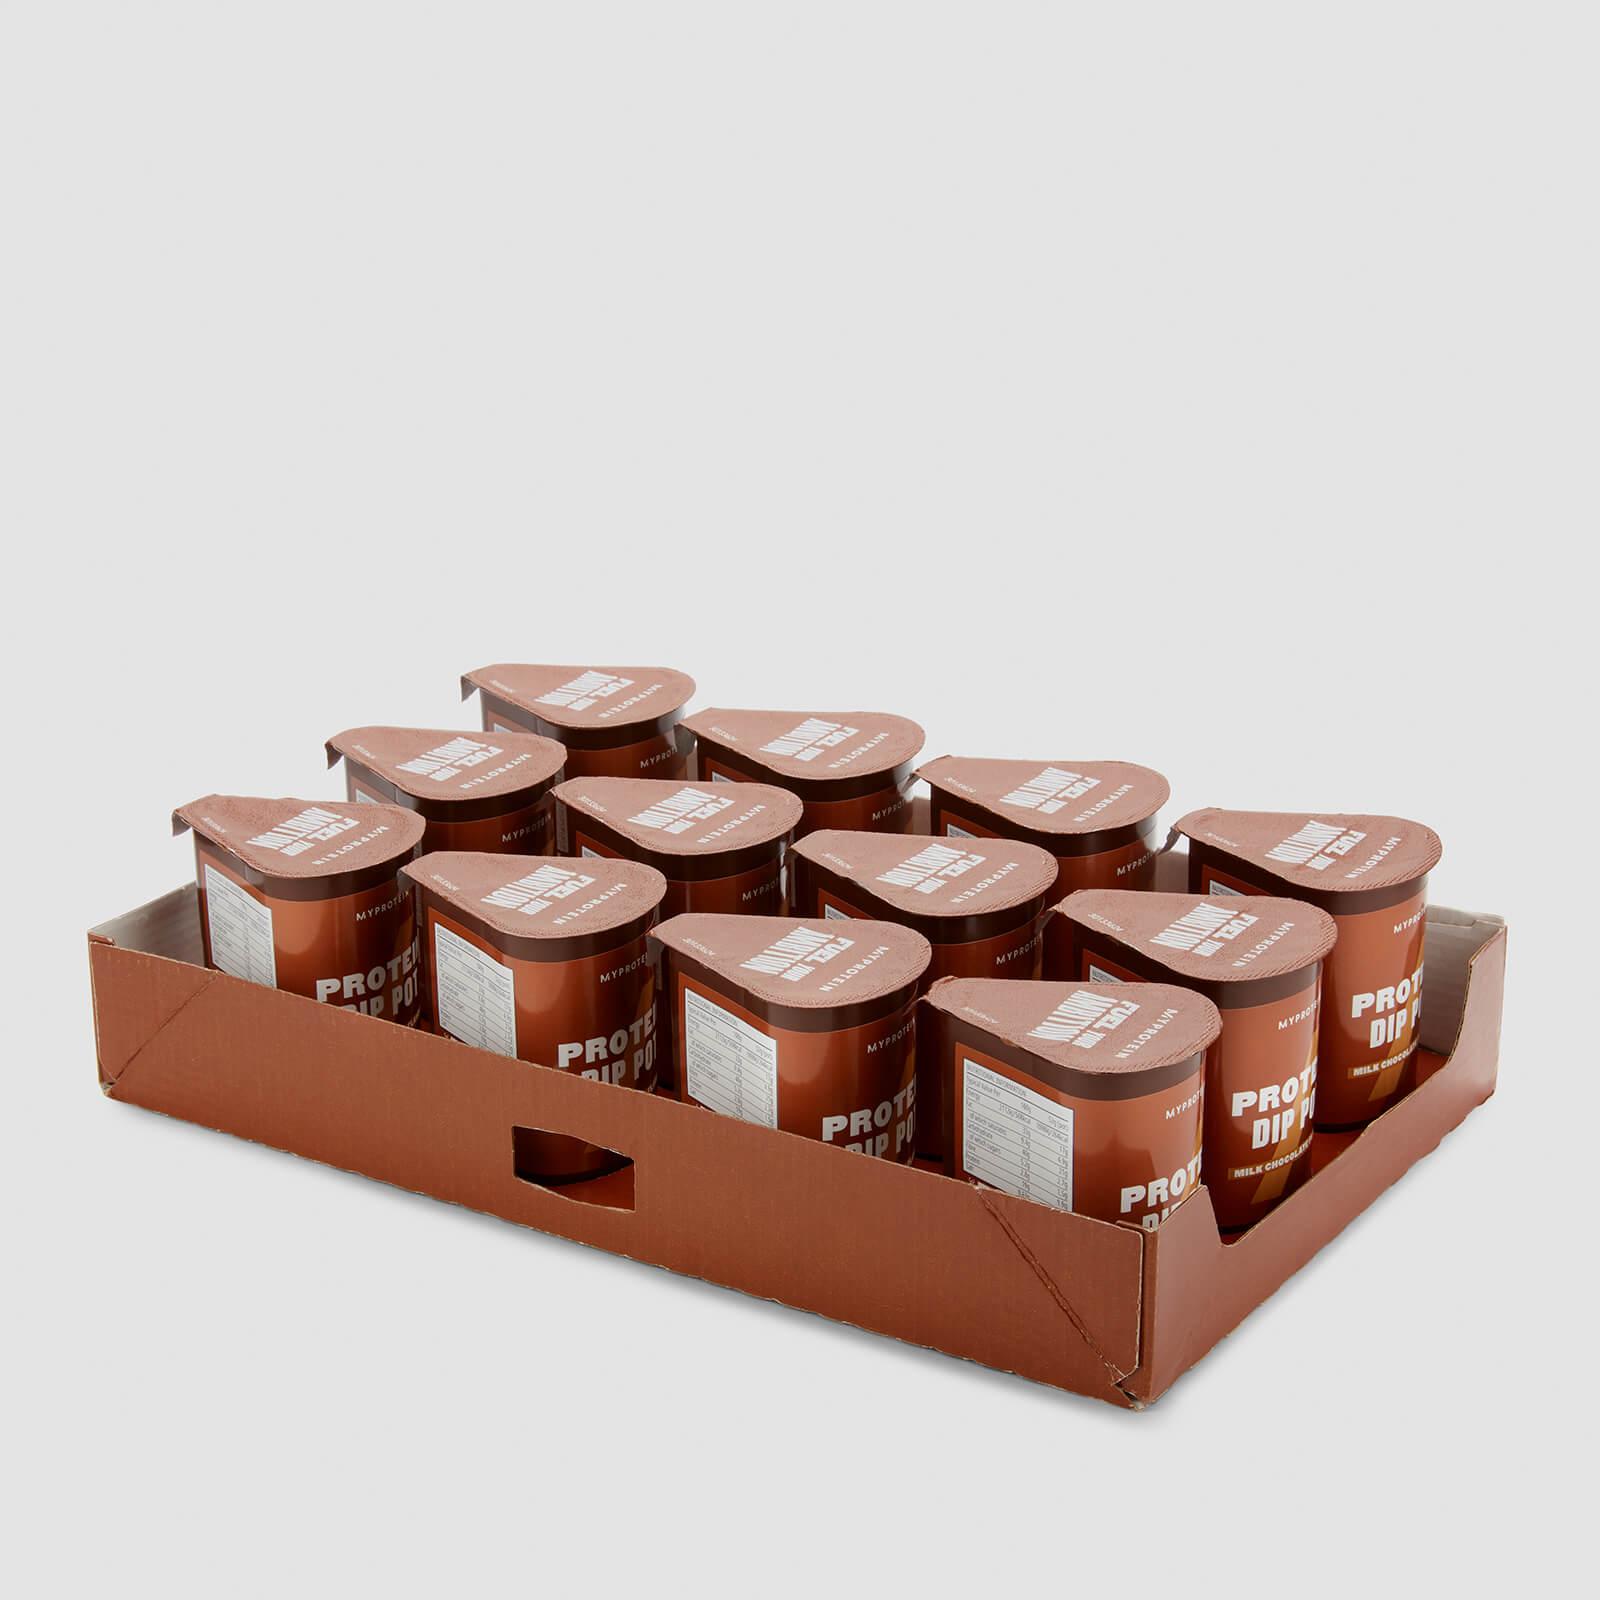 Myprotein Goûter protéiné - 900g - Chocolat au lait